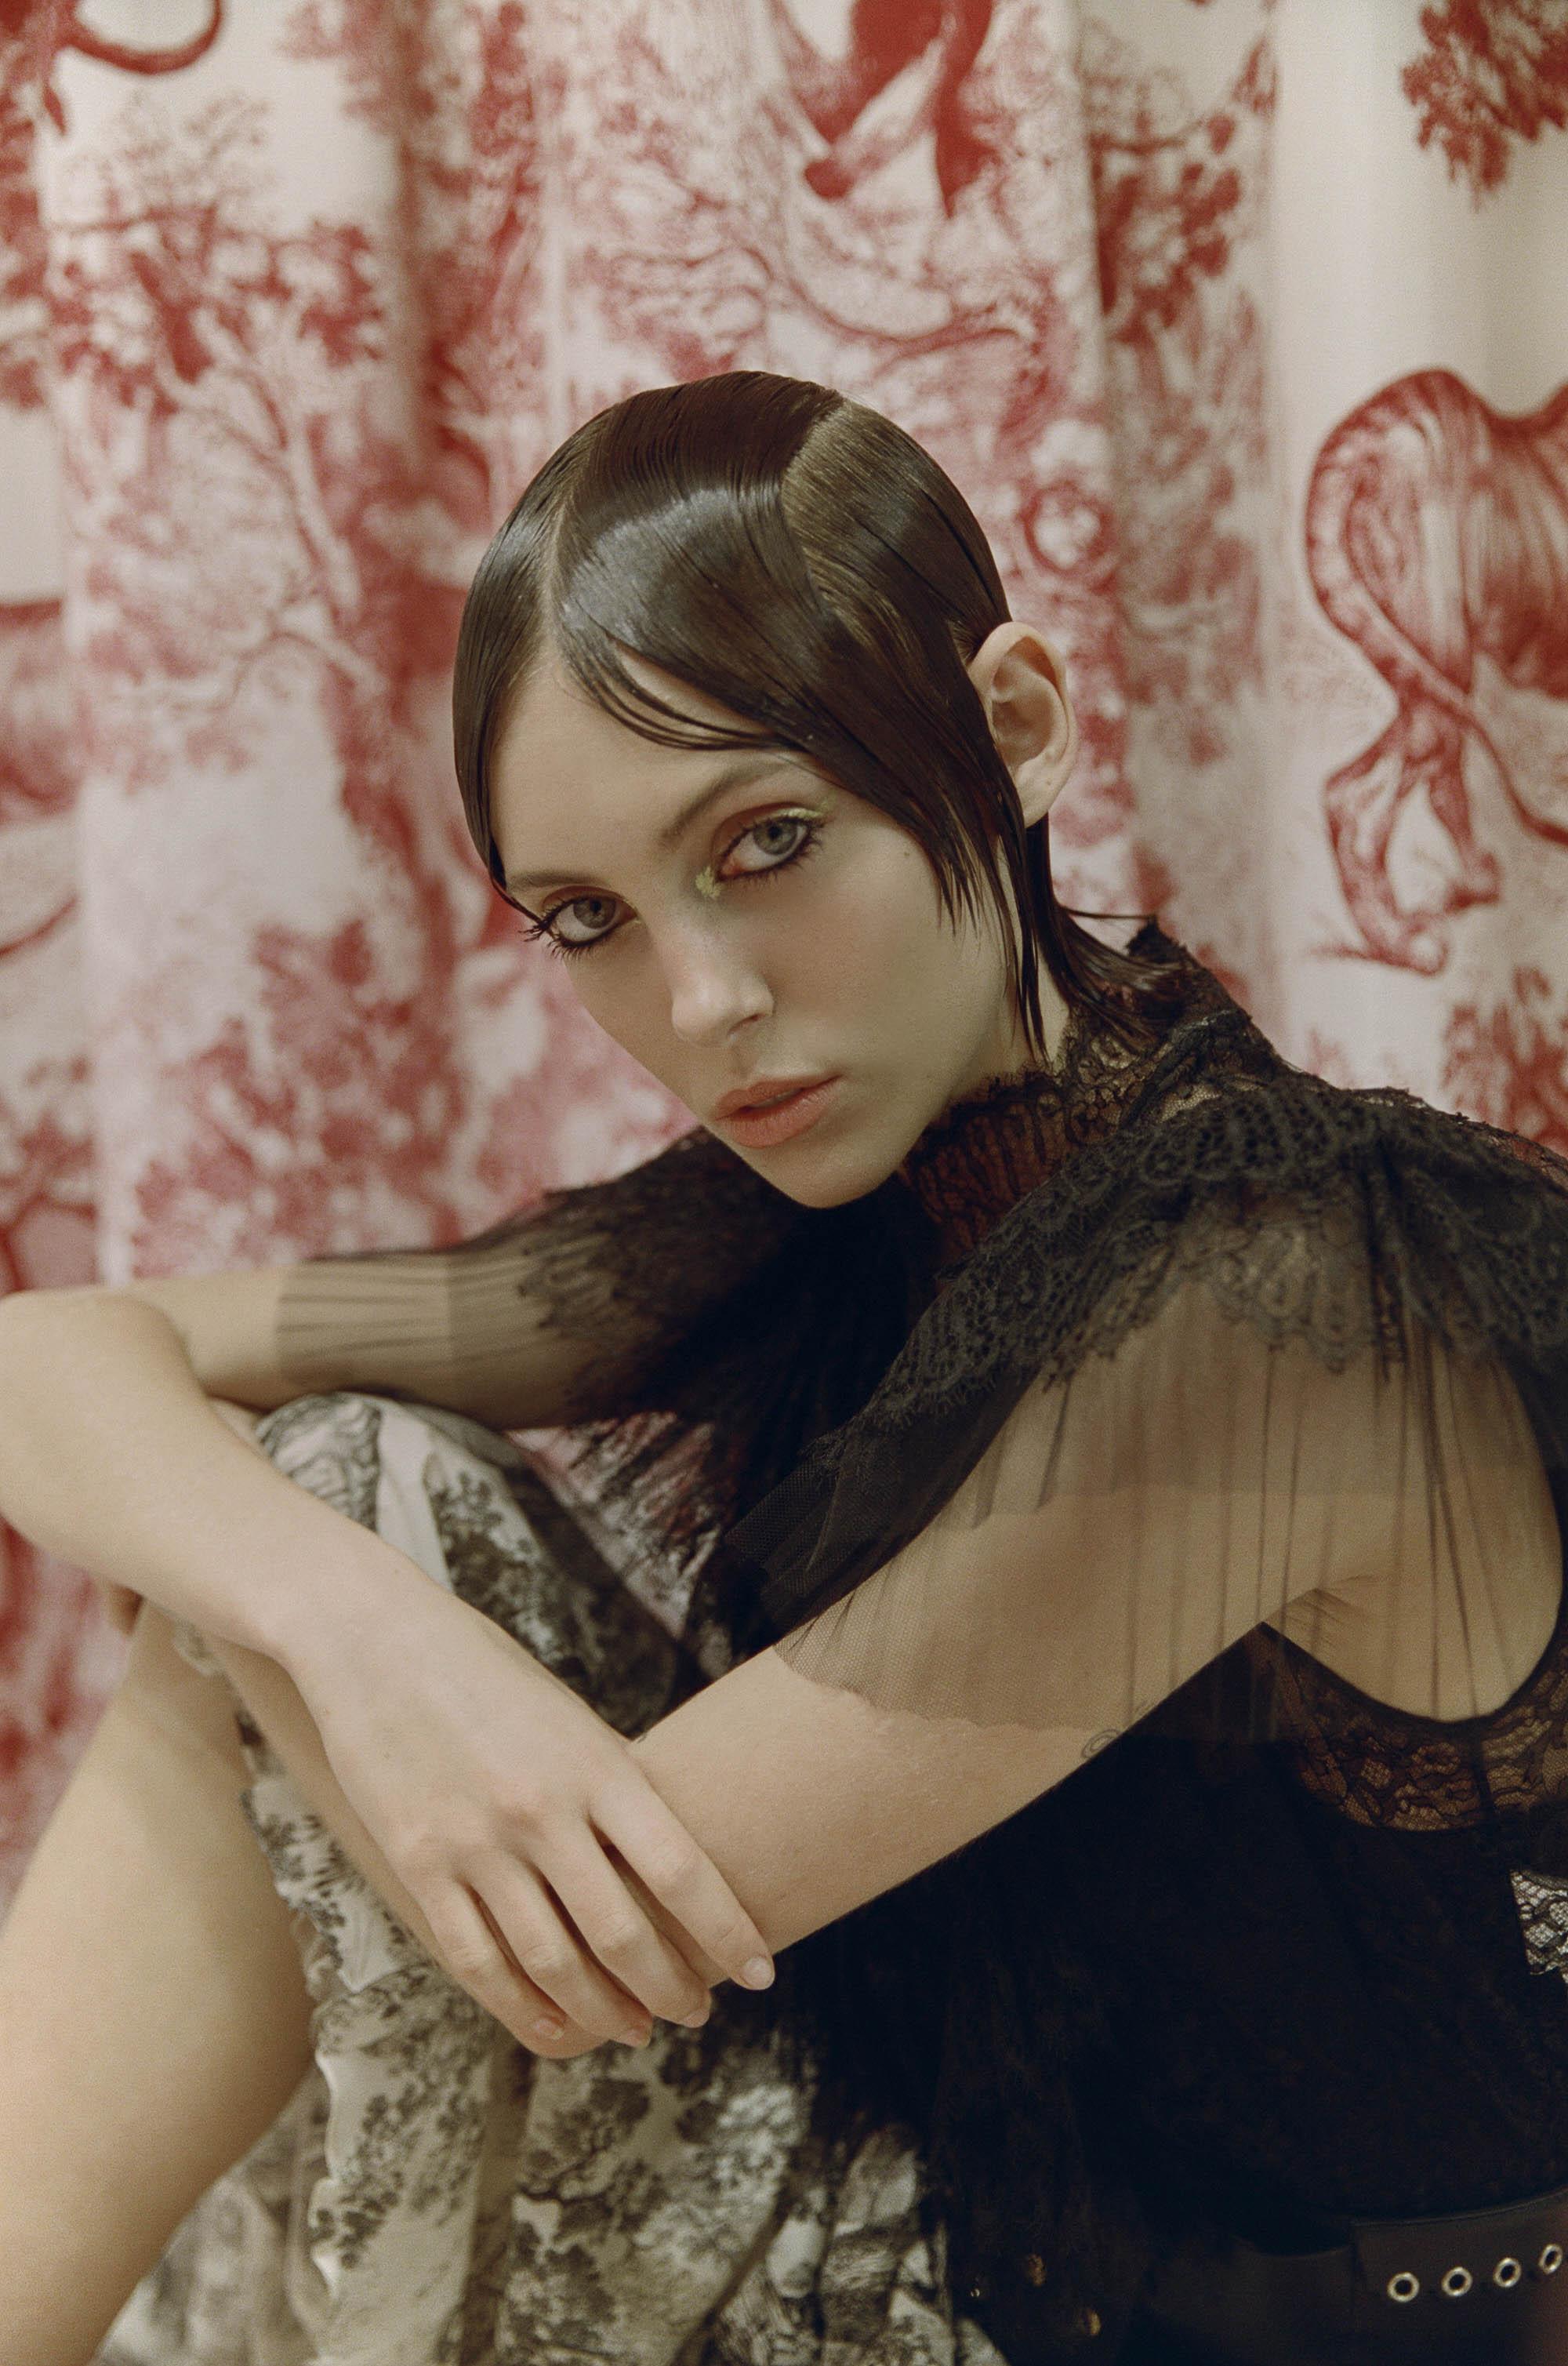 DAPHNENGUYEN-Dior x Matilda final-181214000246290020.jpg